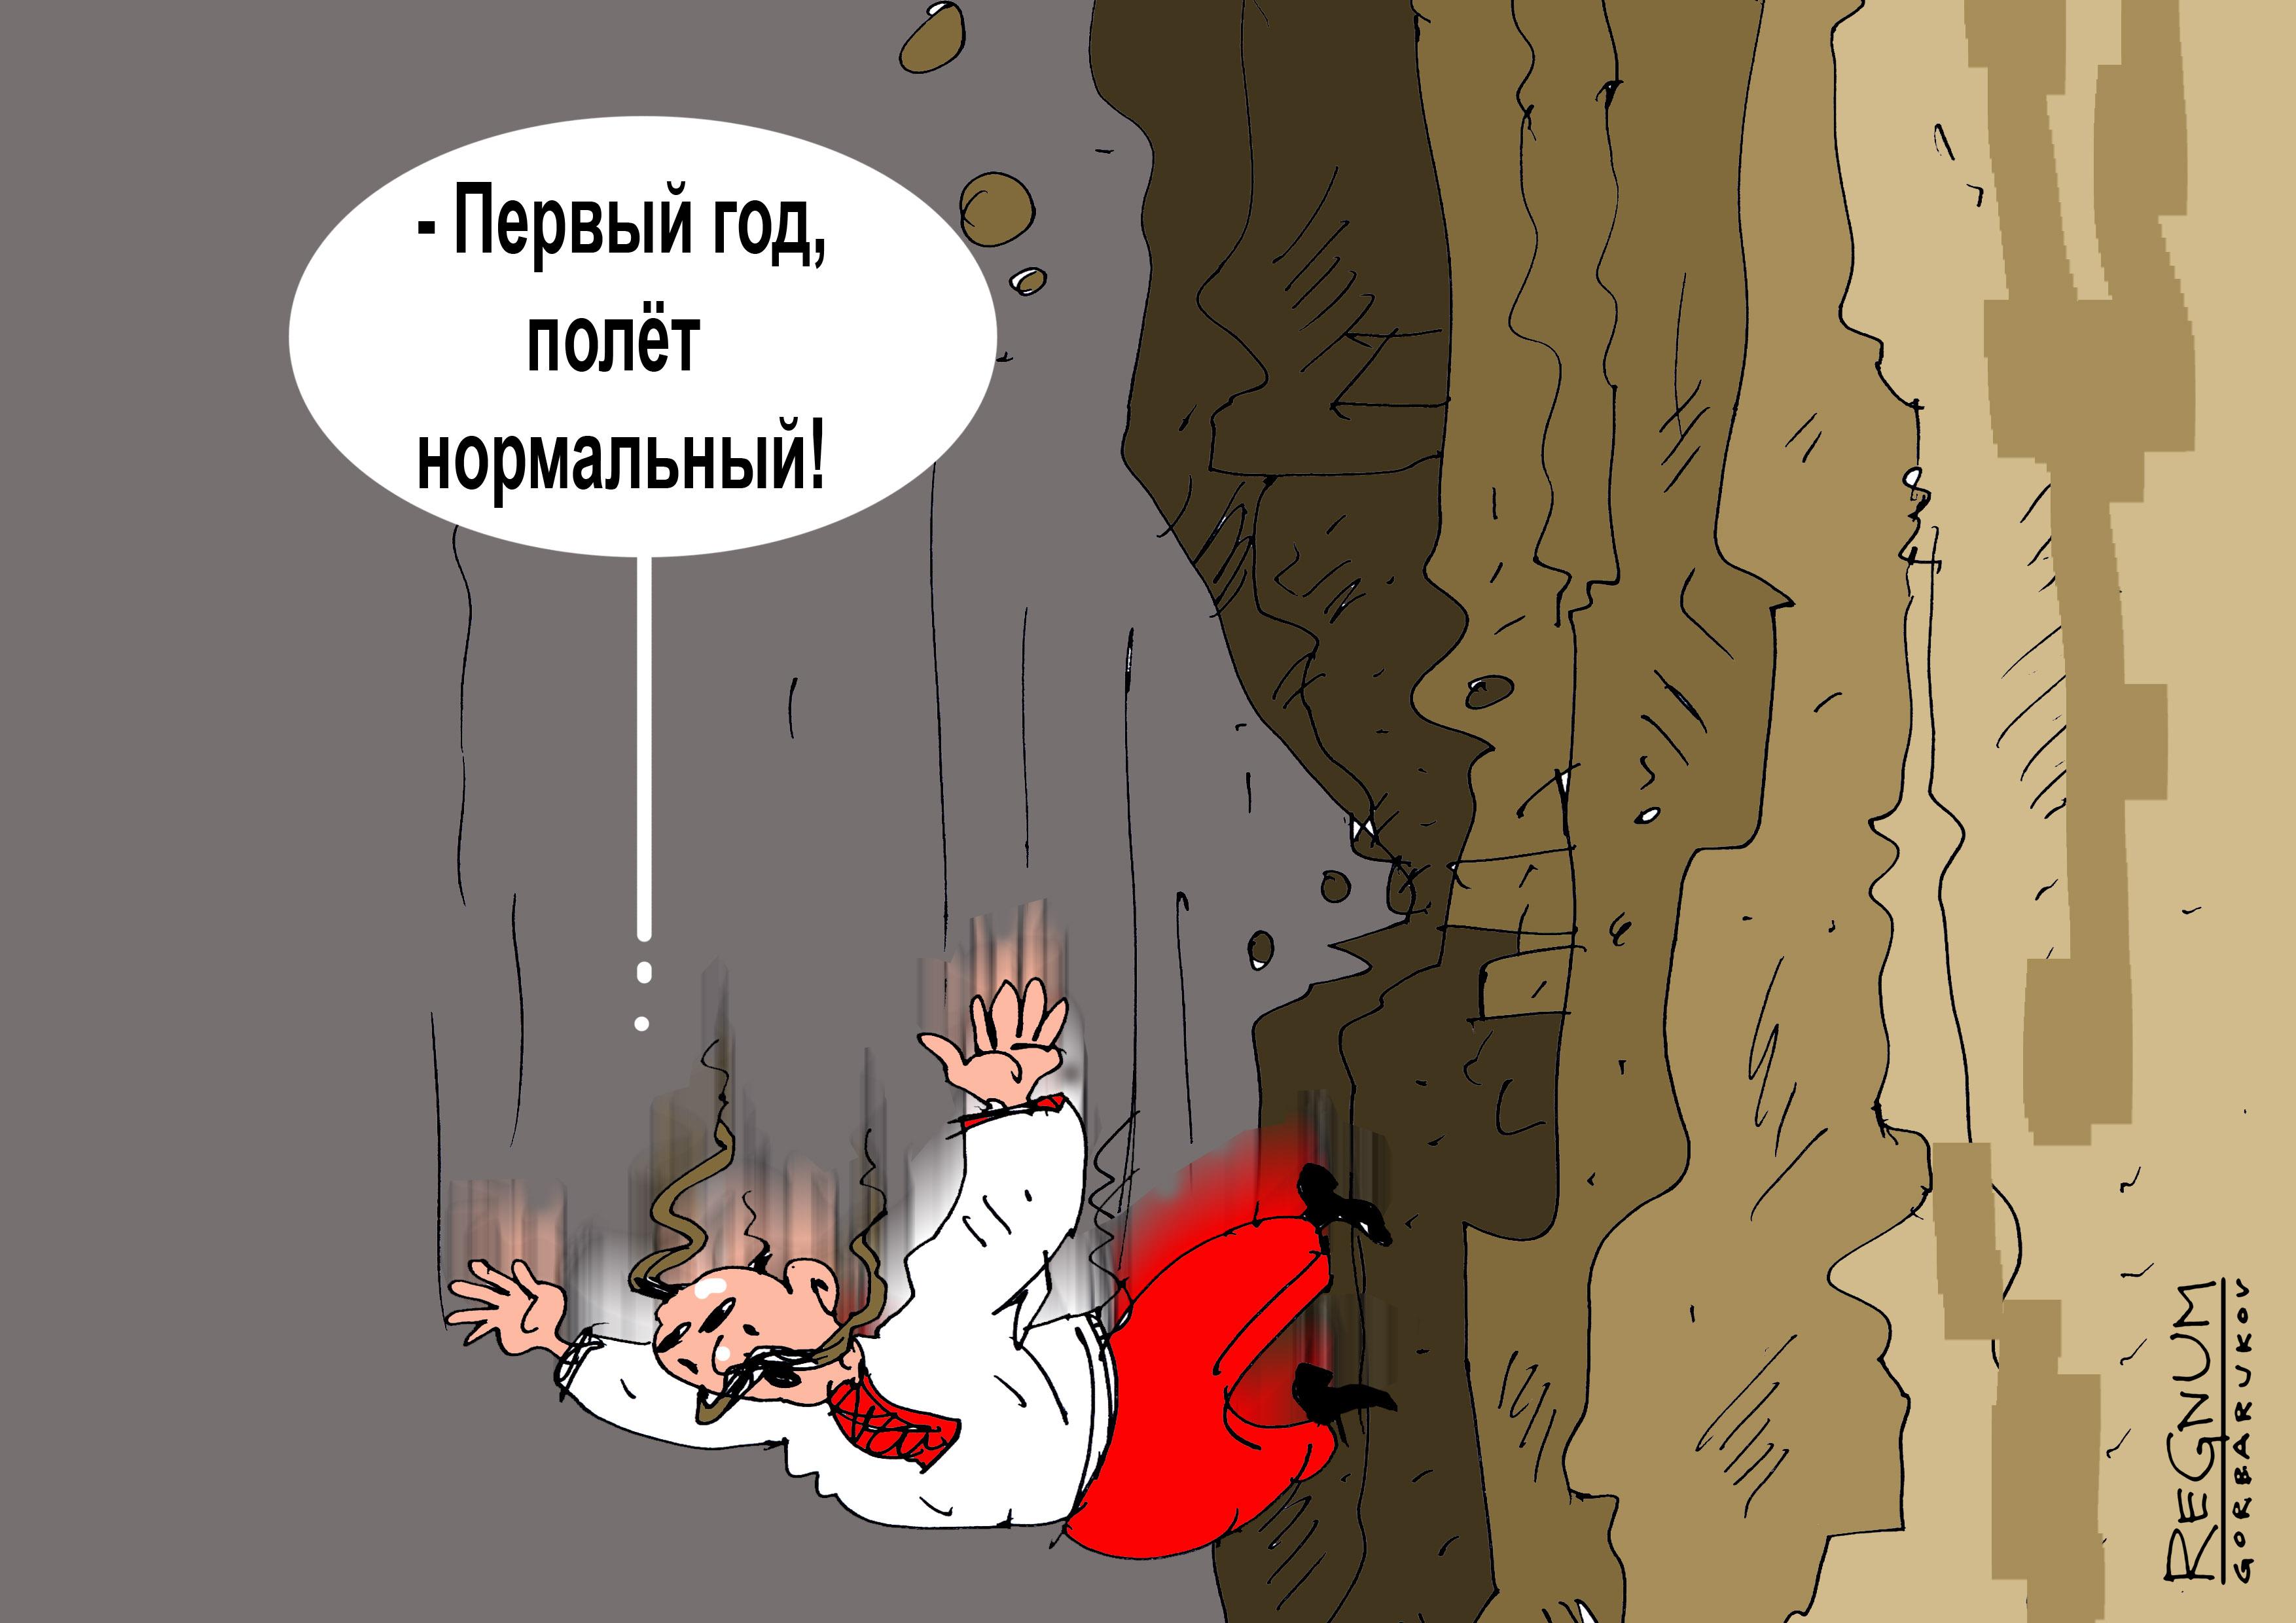 Европейский проект Украины закрыт